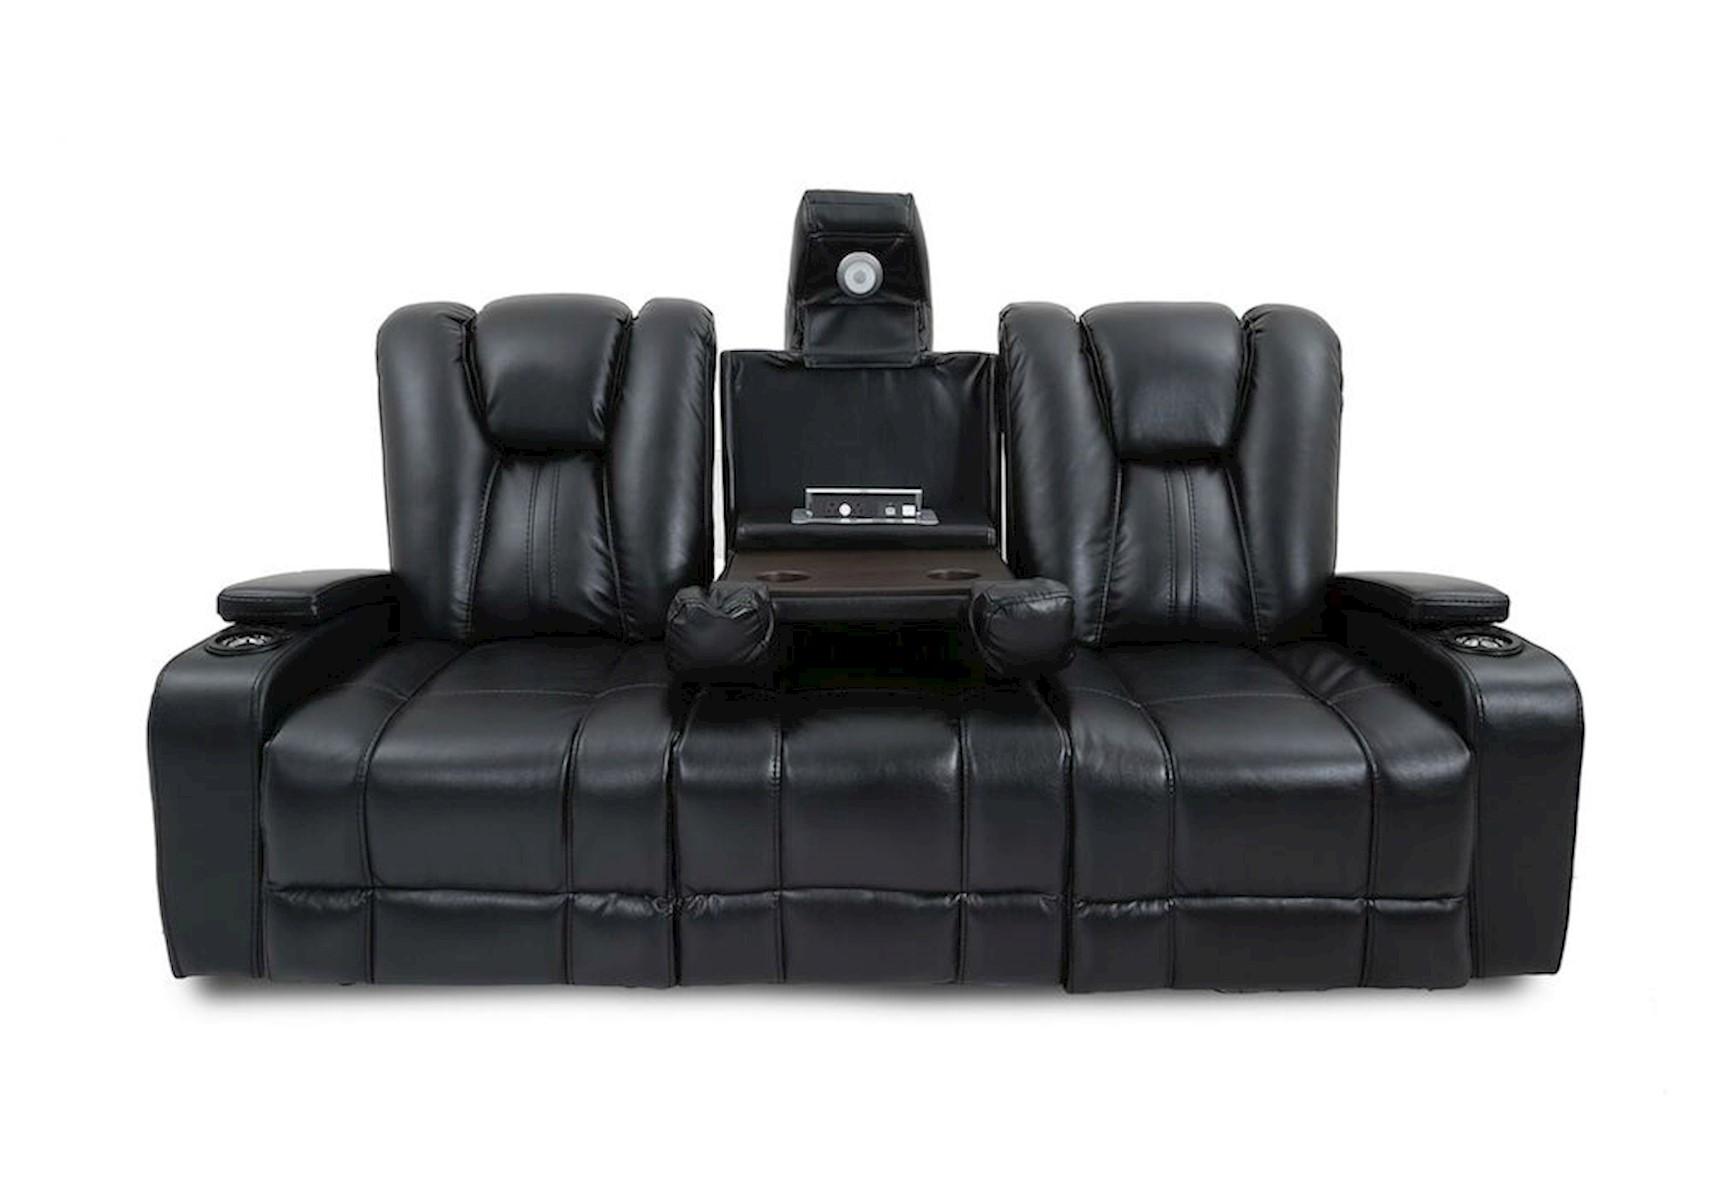 Bolero Dual Reclining Sofa With